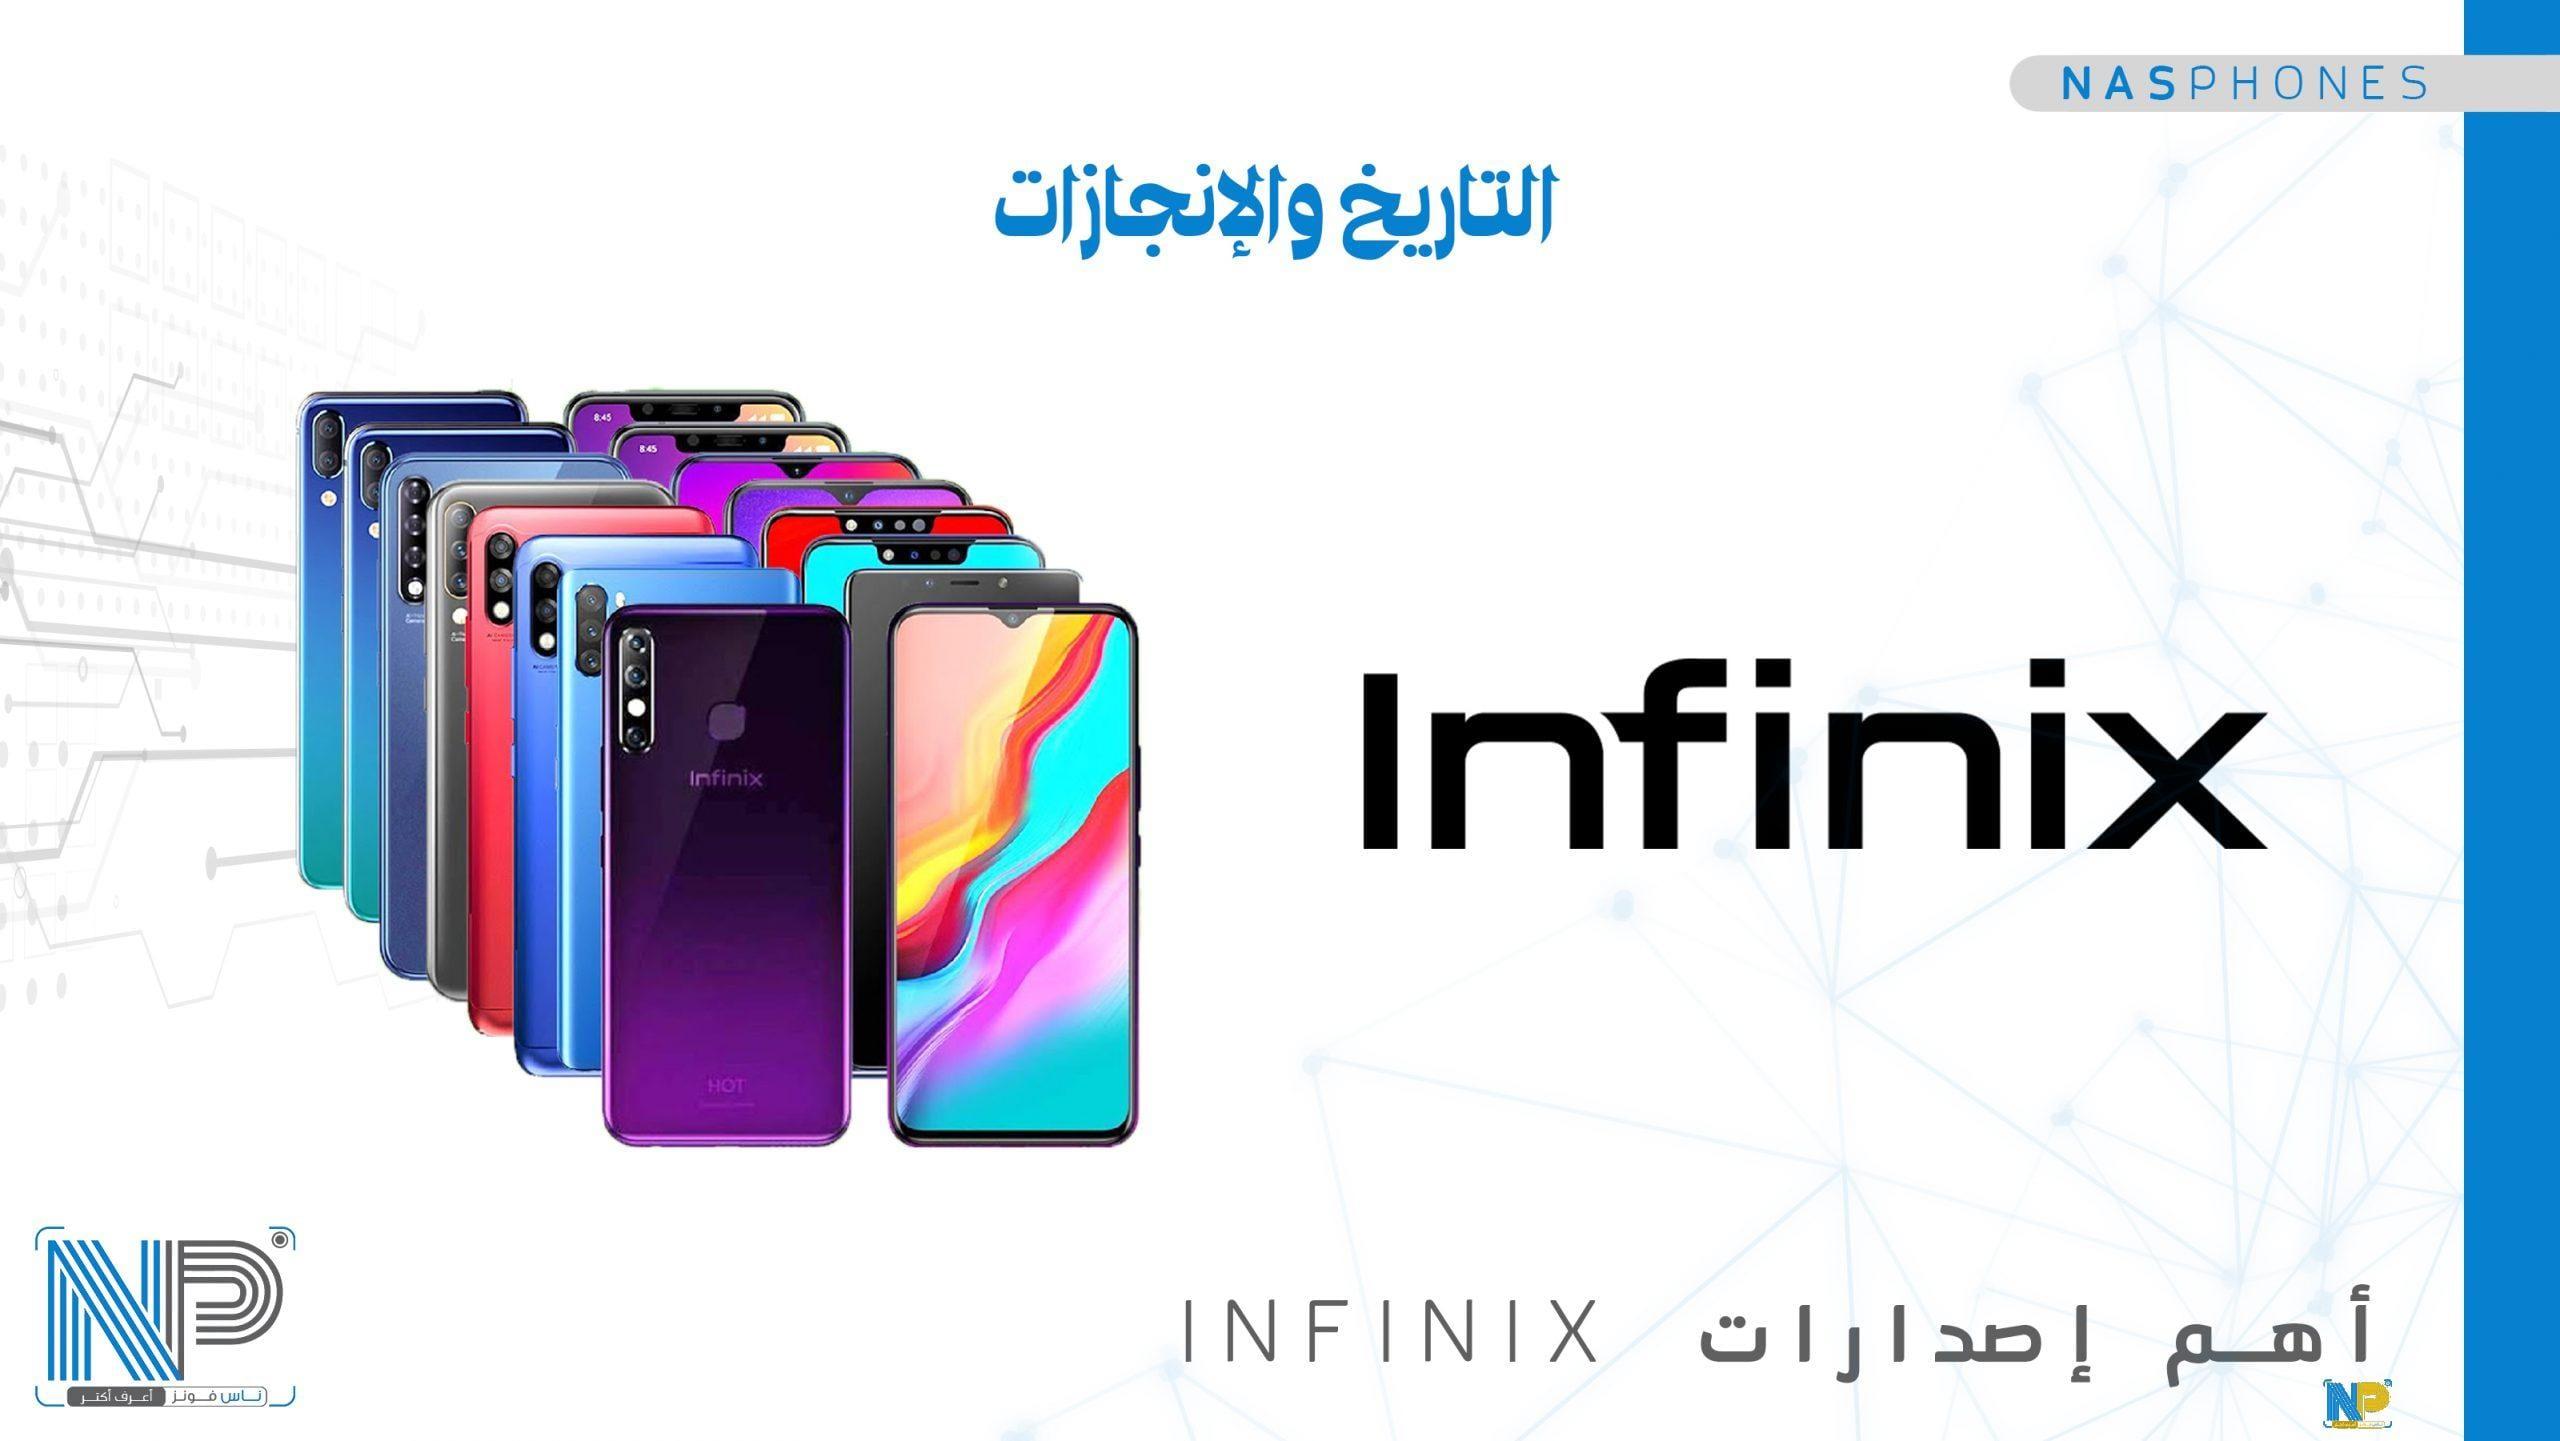 أهم إصدارات شركة إنفينيكس